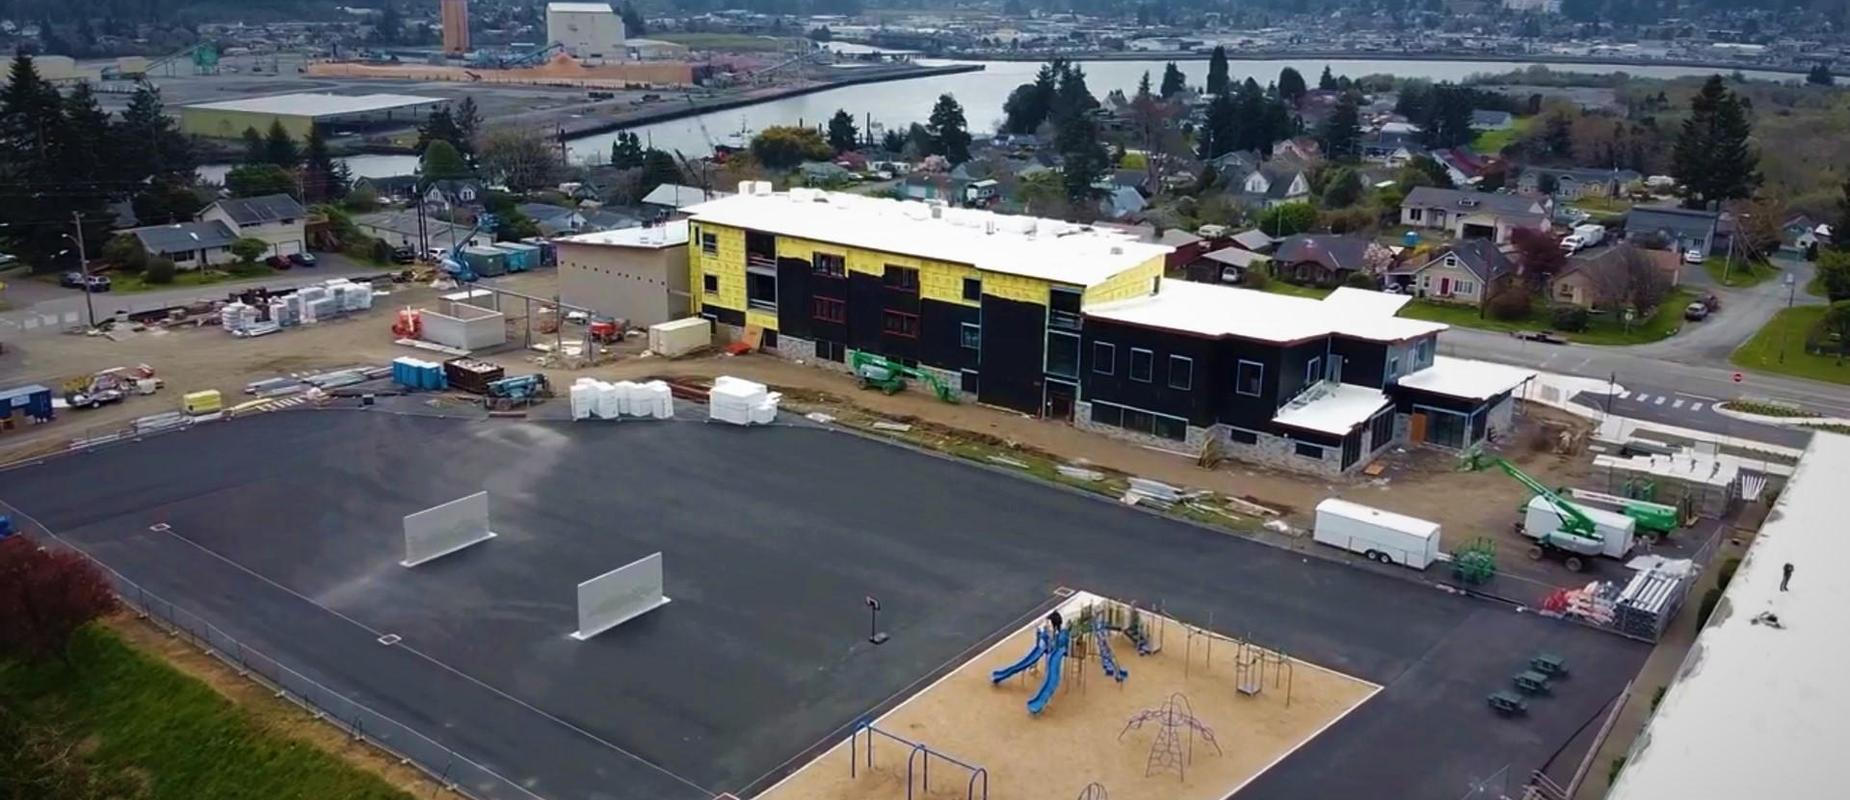 Eastside Aerial Photo